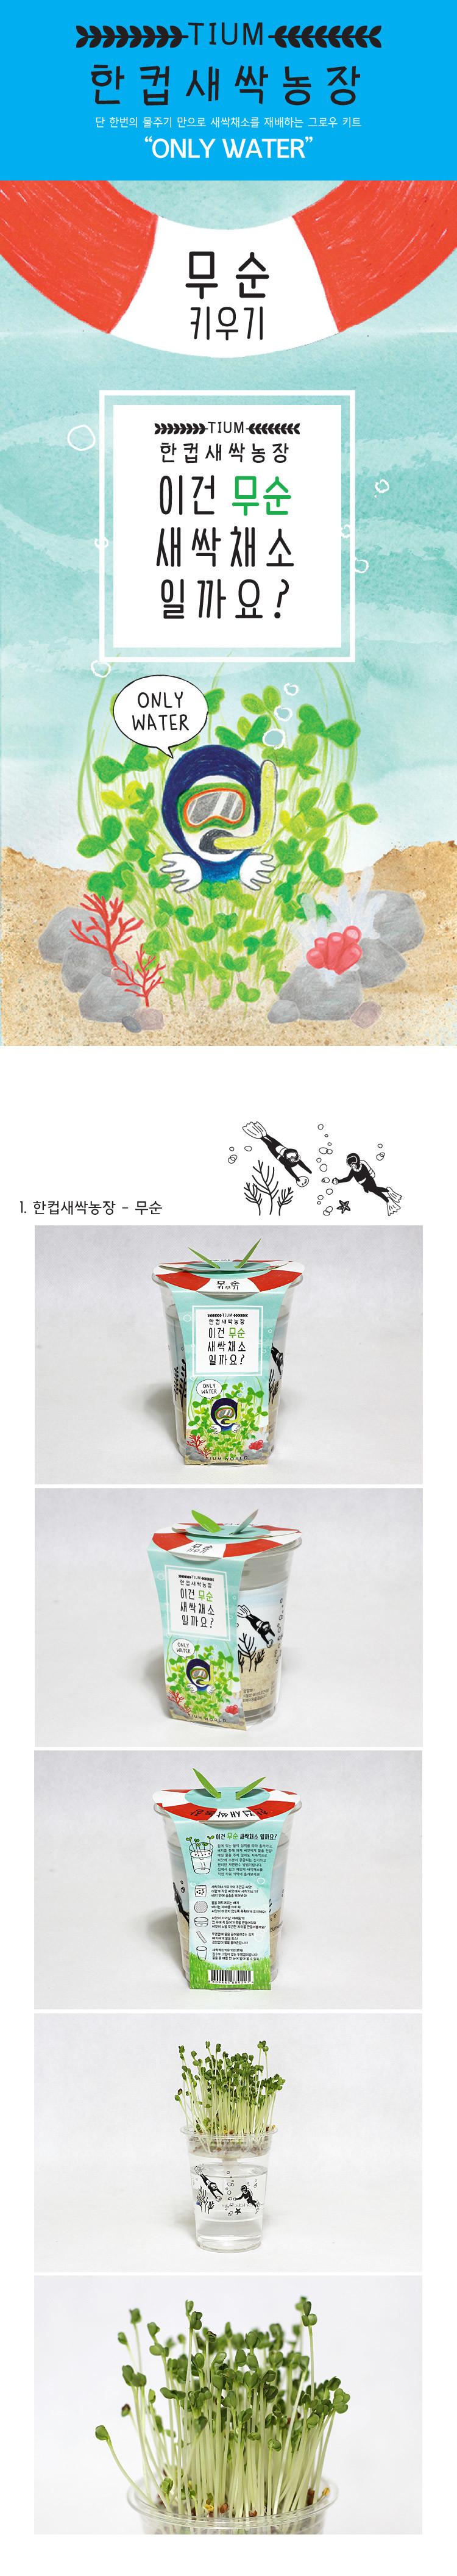 한컵새싹농장_무순키우기 - 틔움세상, 3,000원, 새싹/모종키우기, 새싹 키우기